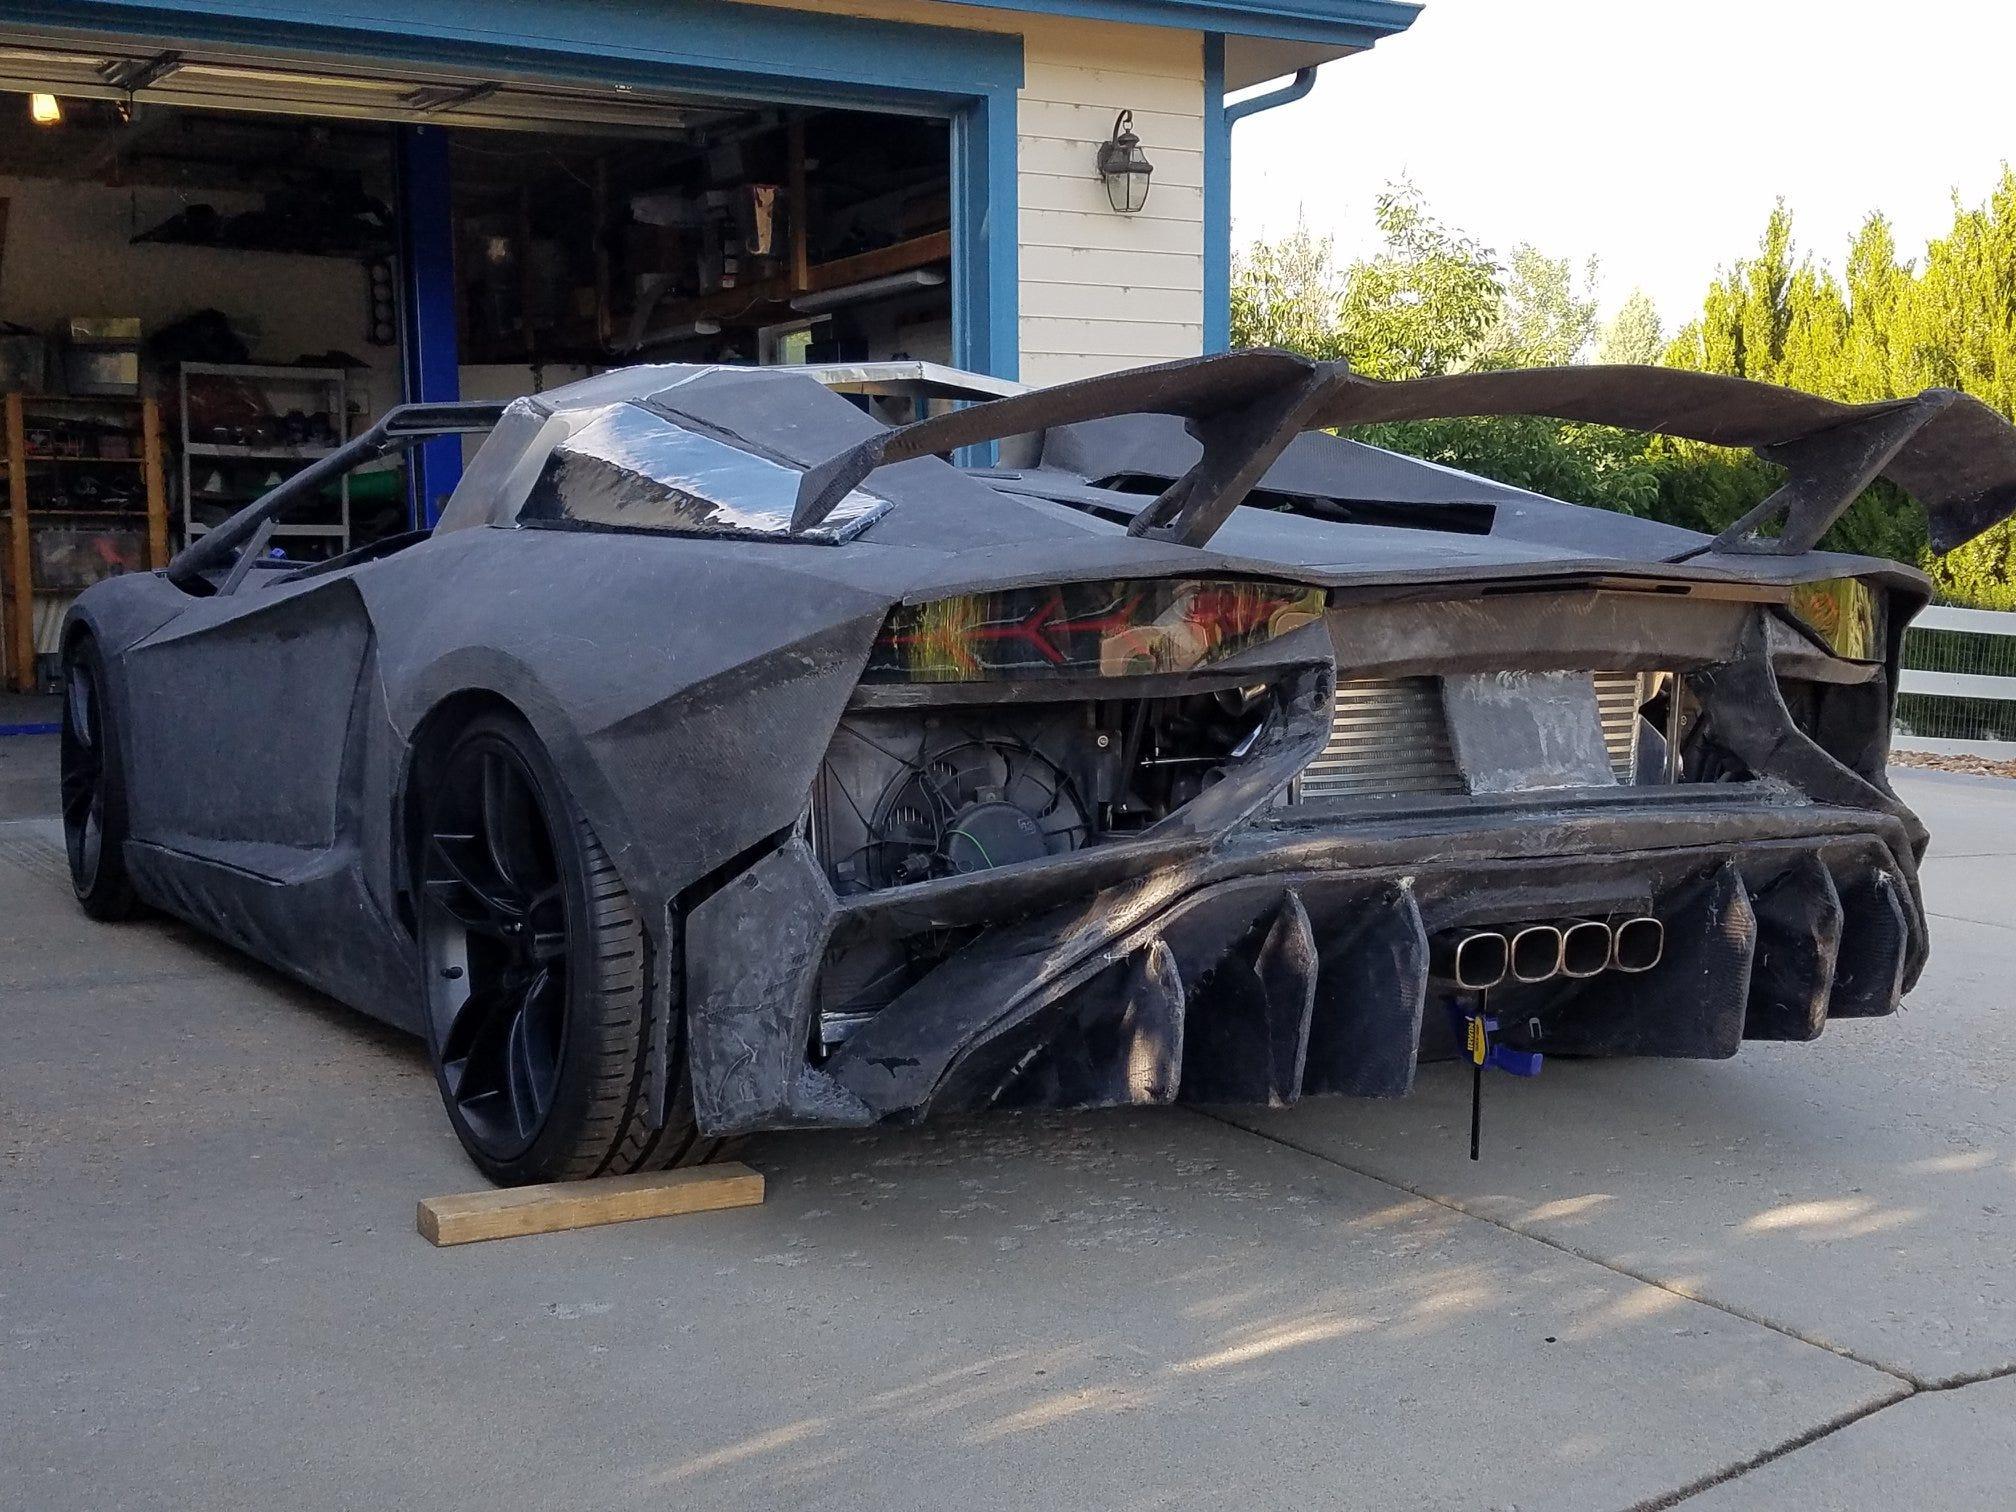 Lamborghini, Bugatti knock,offs populate the internet. Are